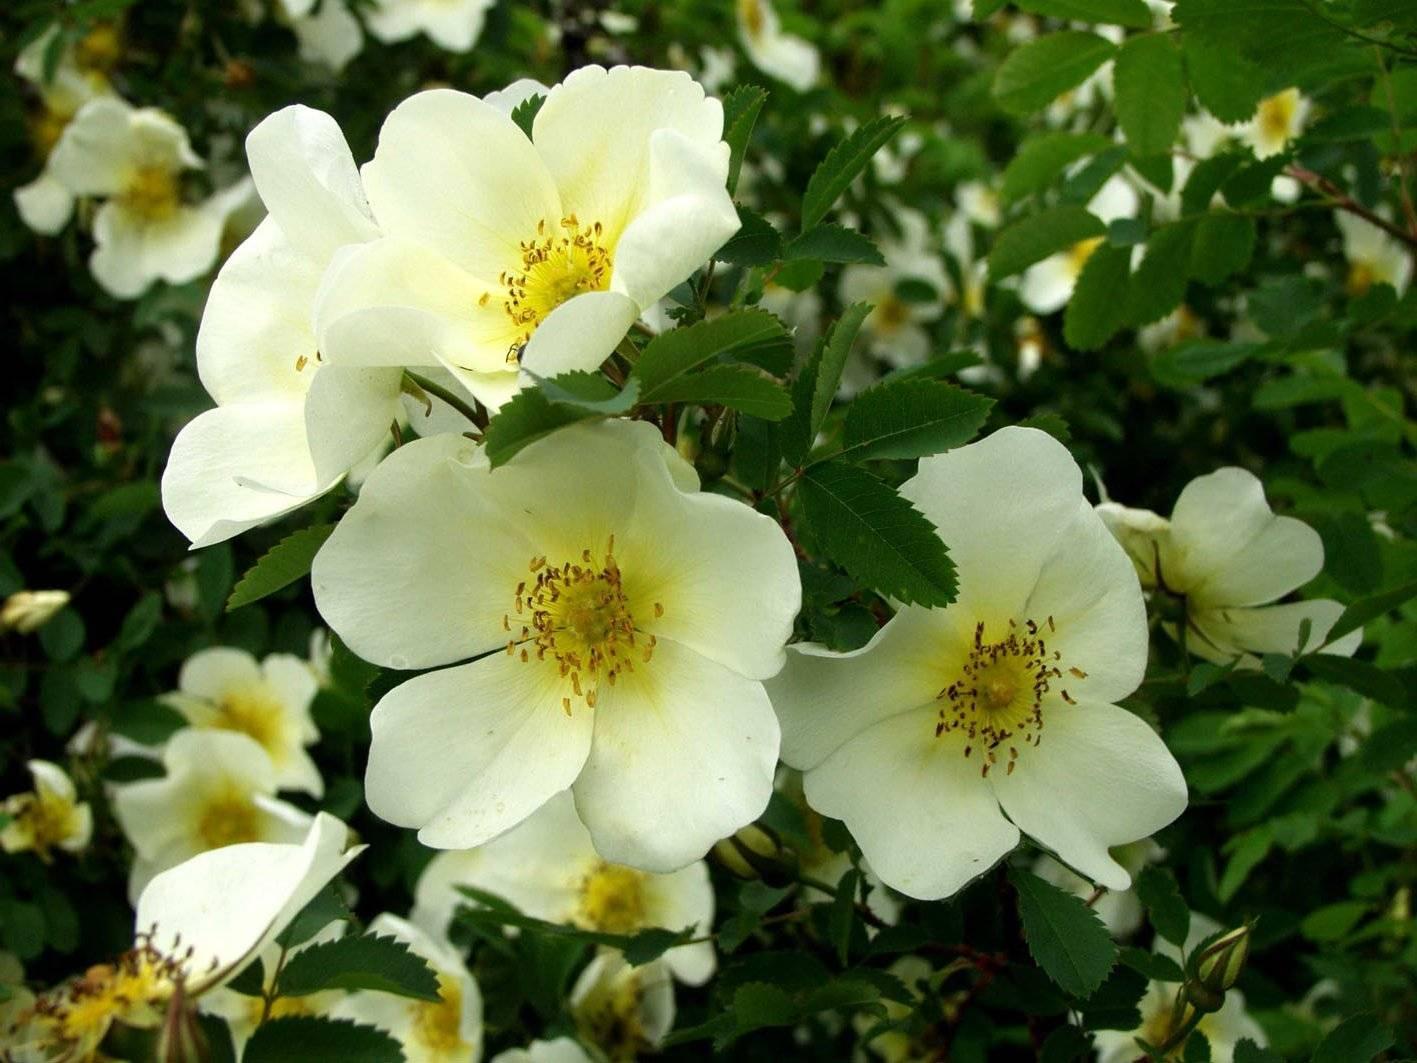 Как отличить розу от шиповника по листьям и другим признакам